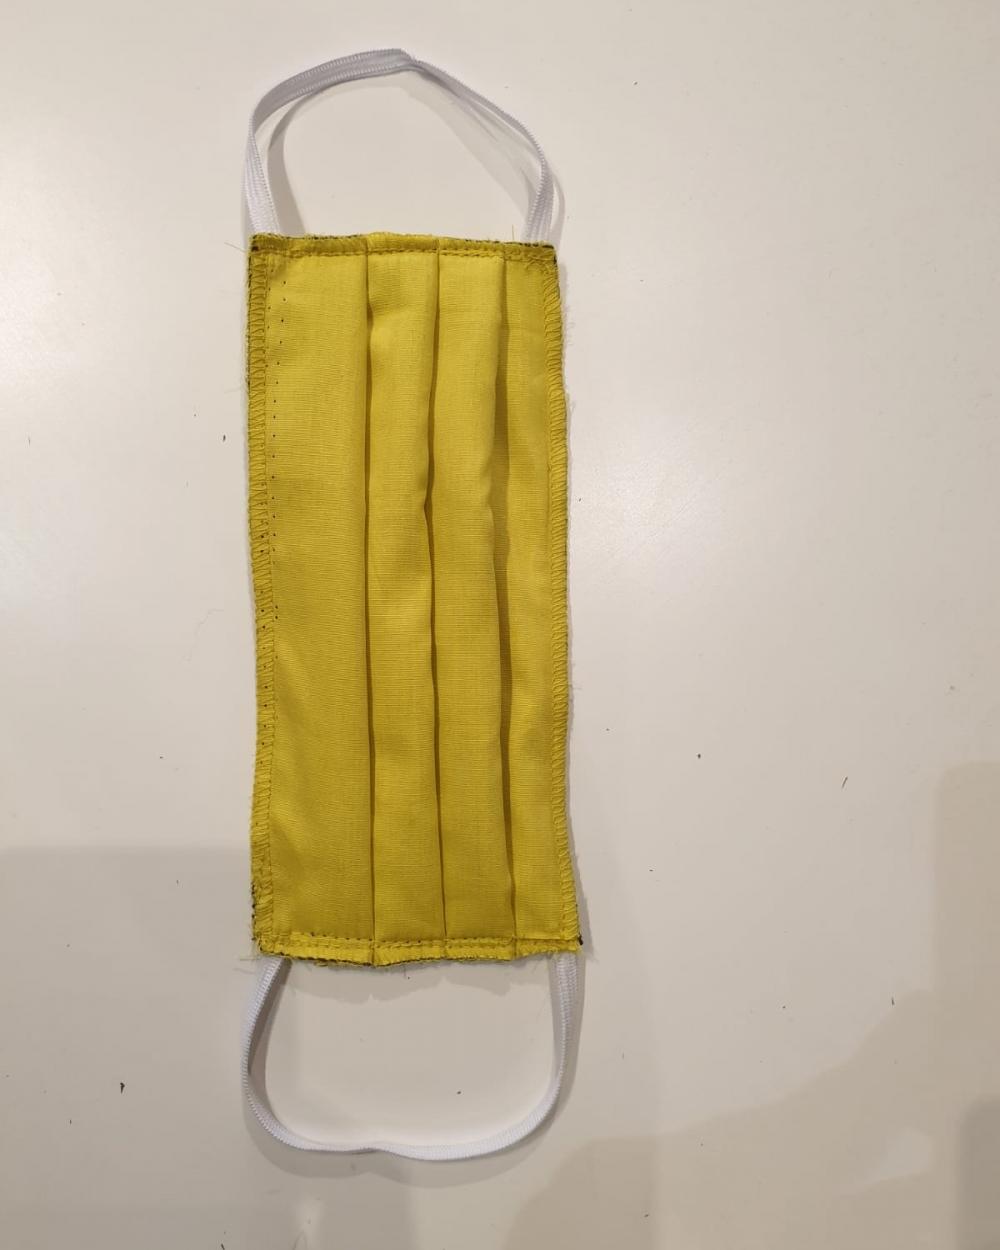 Masque jaune - Covid19